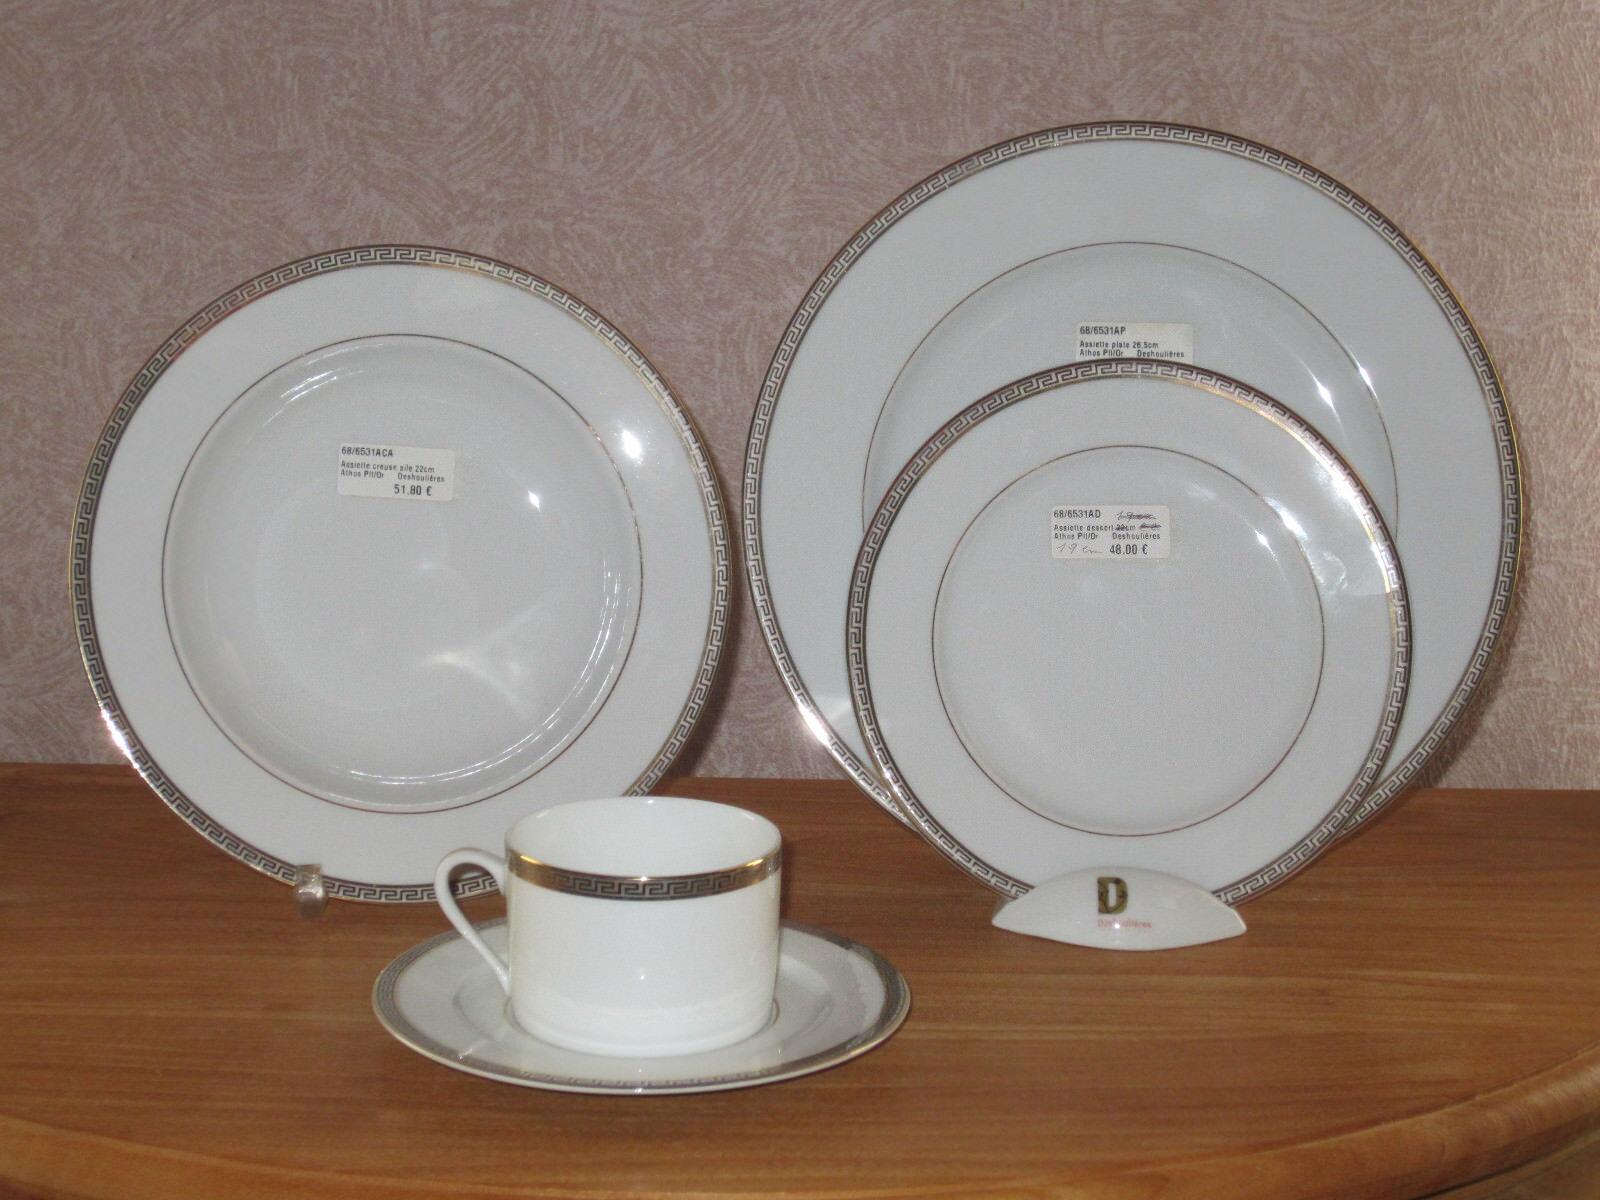 PHILIPPE DESHOULIERES NEW ATHOS 6531 Set 3 Assiettes + 1 Tasse Plates + Cup